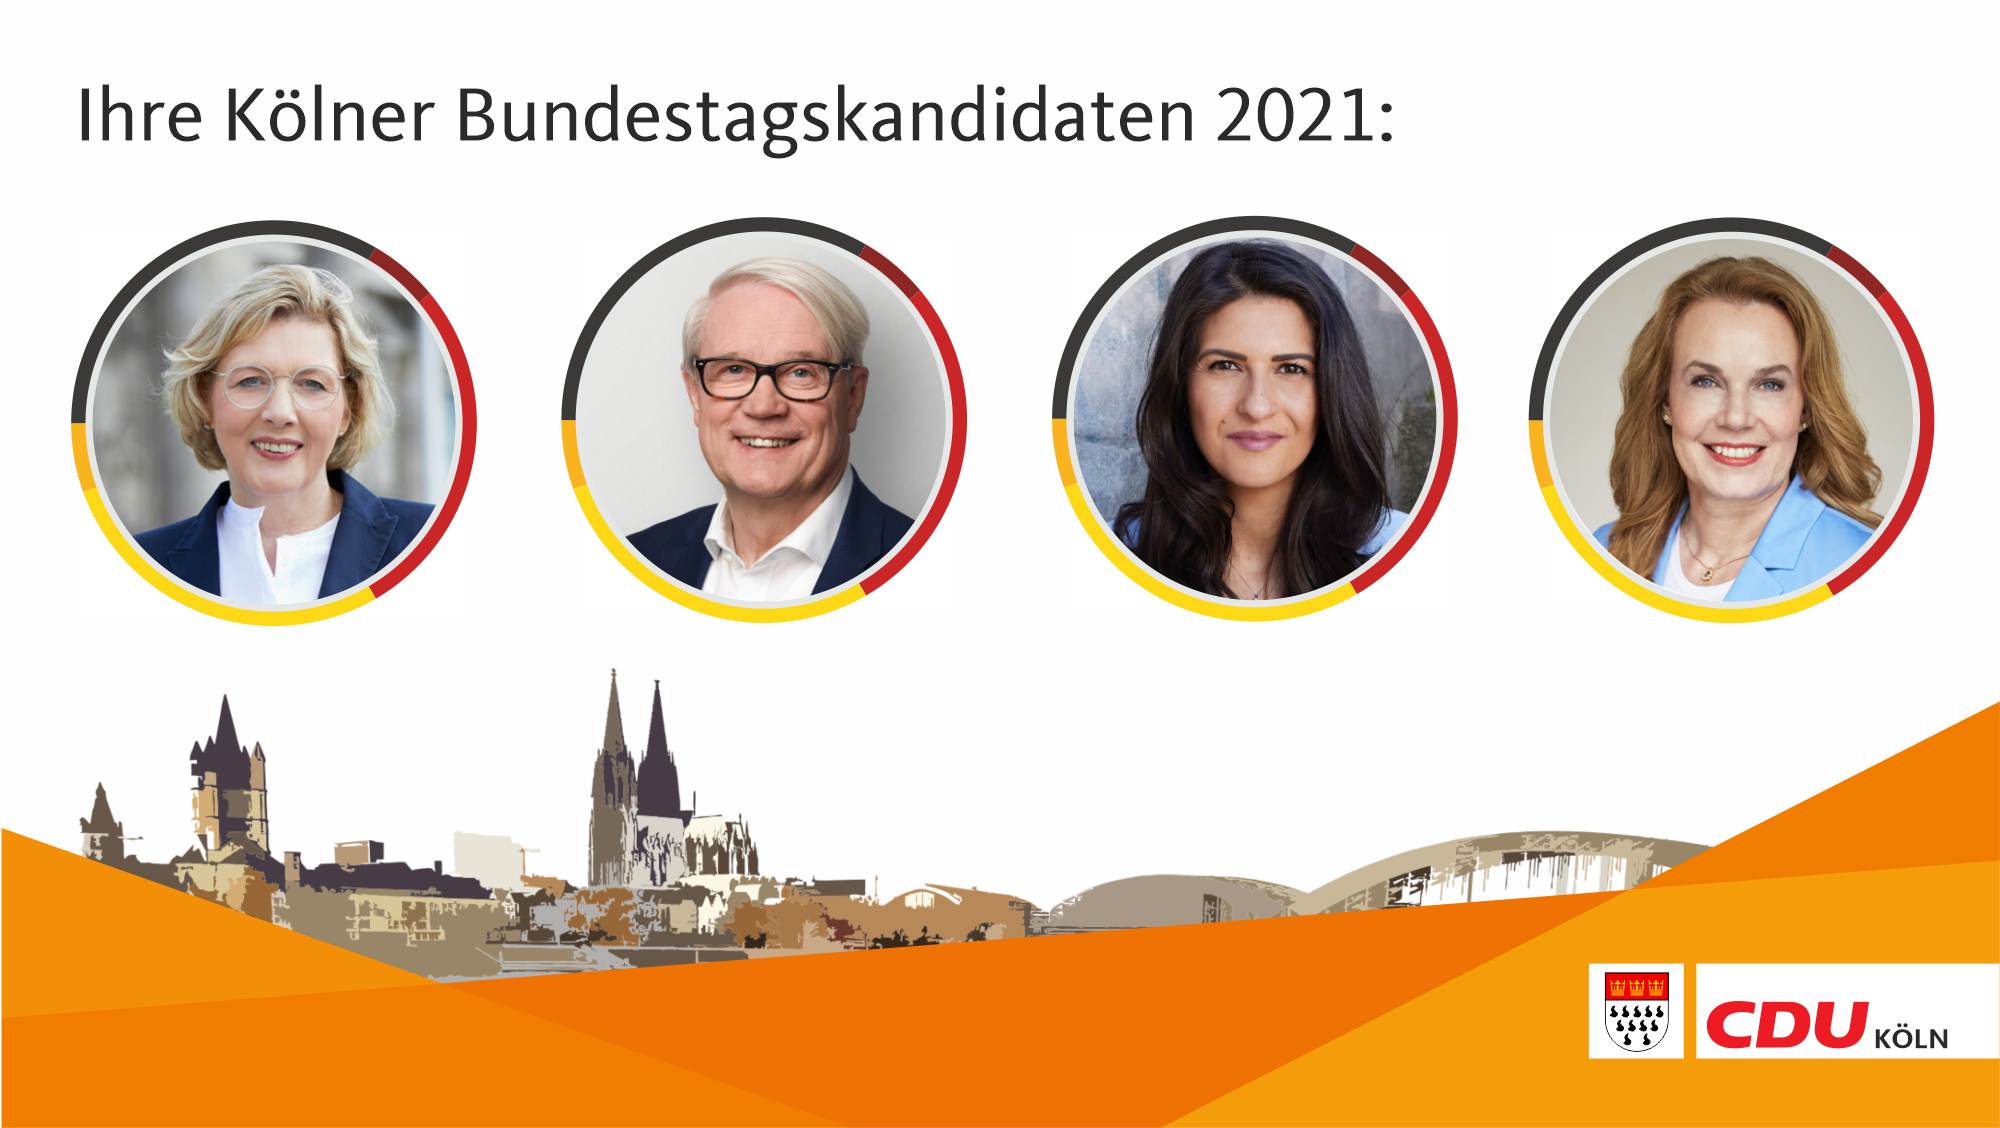 Ihre Kölner Kandidaten für die Bundestagswahl 2021